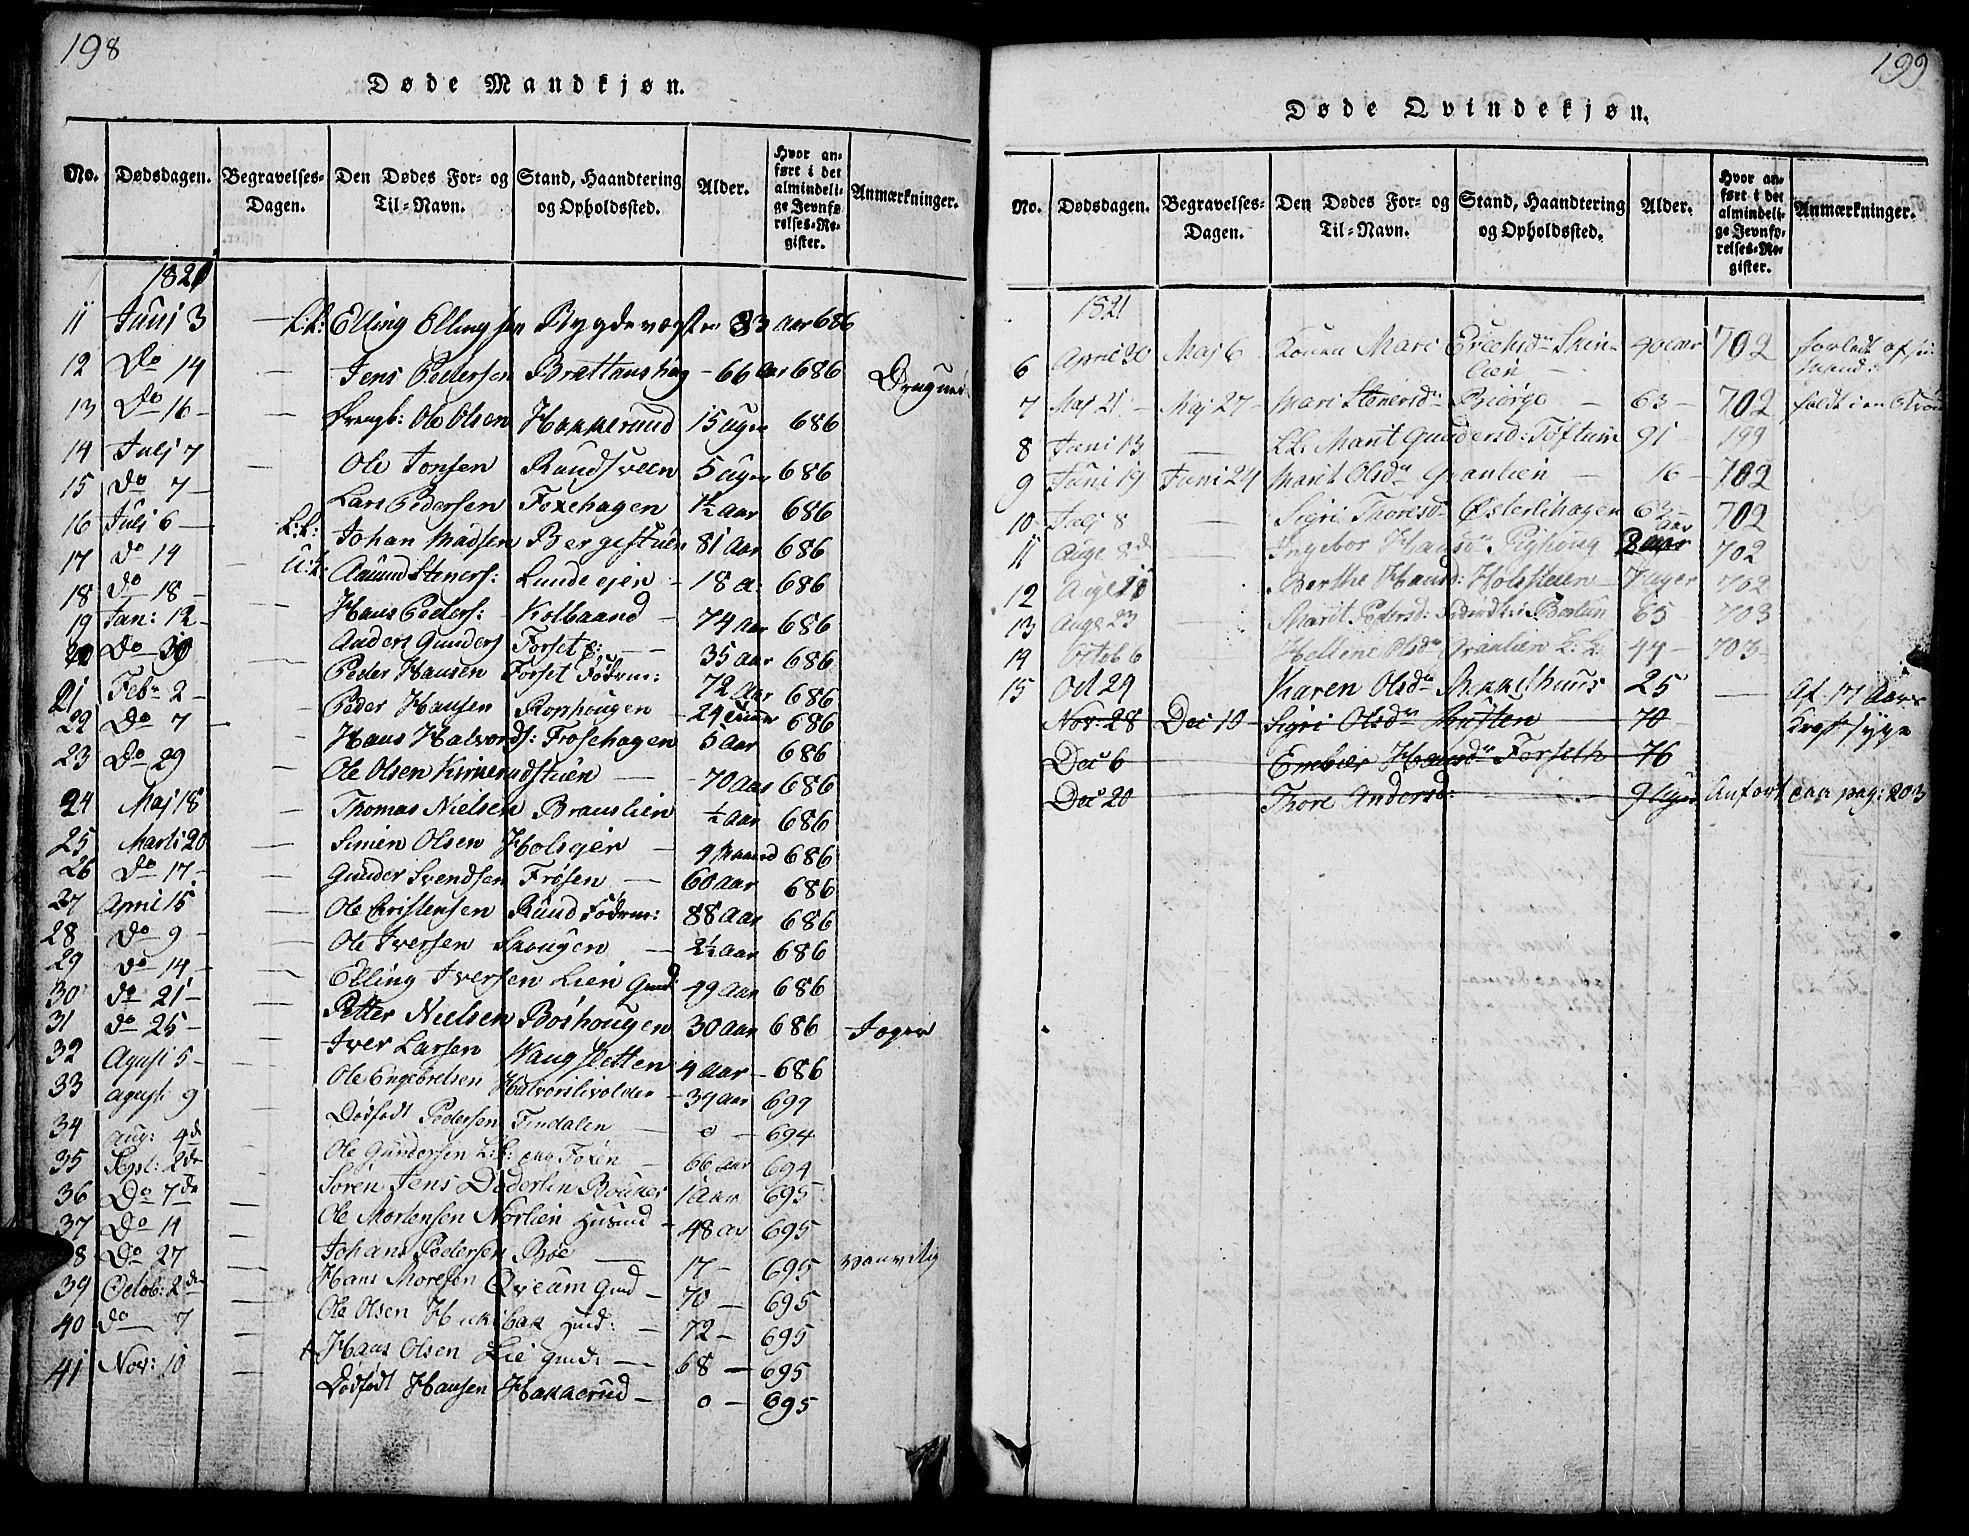 SAH, Gausdal prestekontor, Klokkerbok nr. 1, 1817-1848, s. 198-199